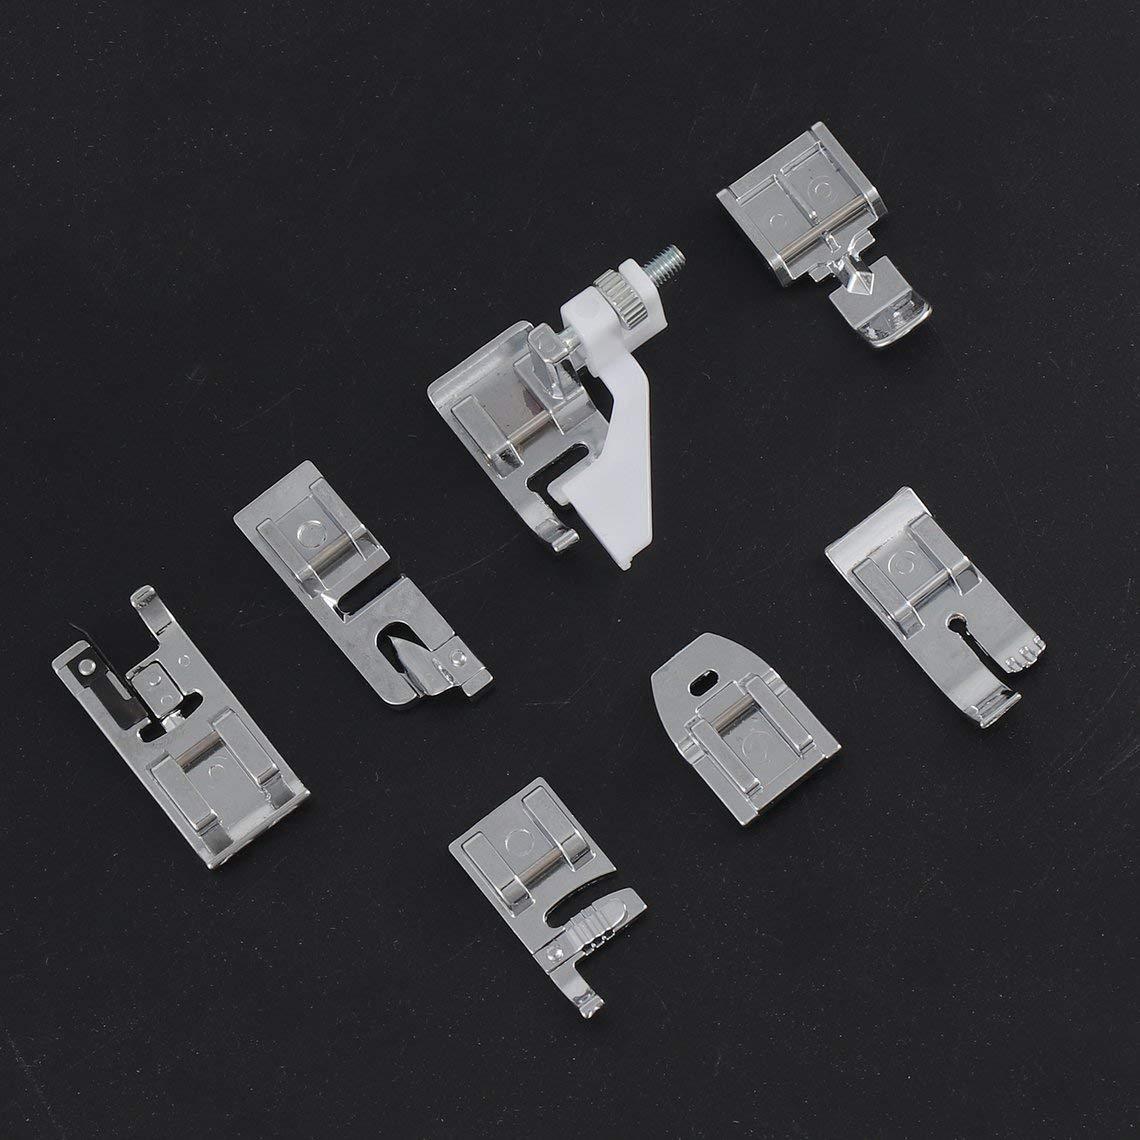 Zinniaya 11 unids//set M/áquina de coser multifuncional Pies Prensatelas Repuestos Accesorios Herramientas para el hogar Juego de prensatelas universal